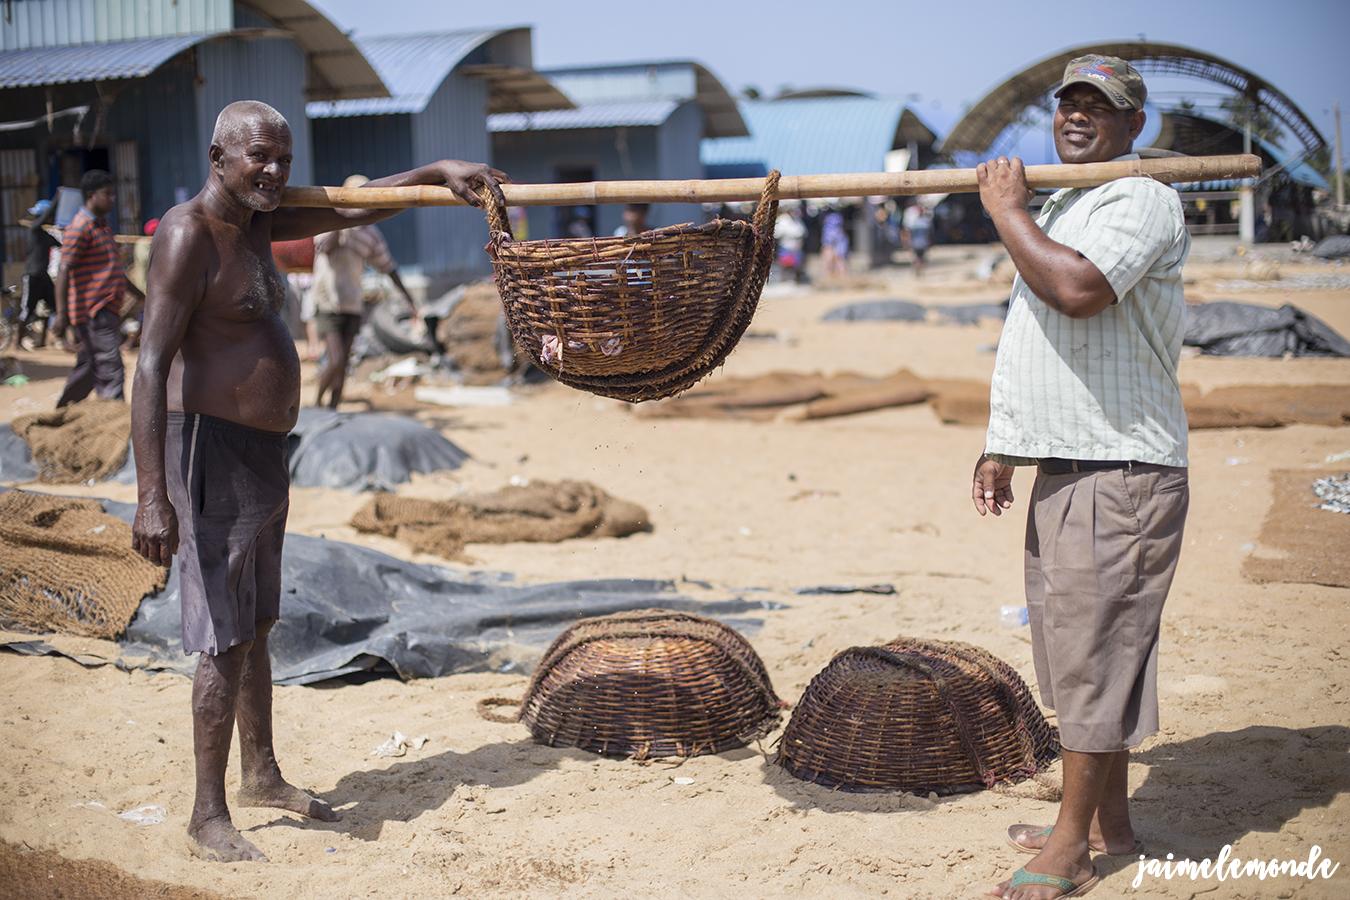 negombo-marche-aux-poissons-voyage-au-sri-lanka-jaimelemonde-6